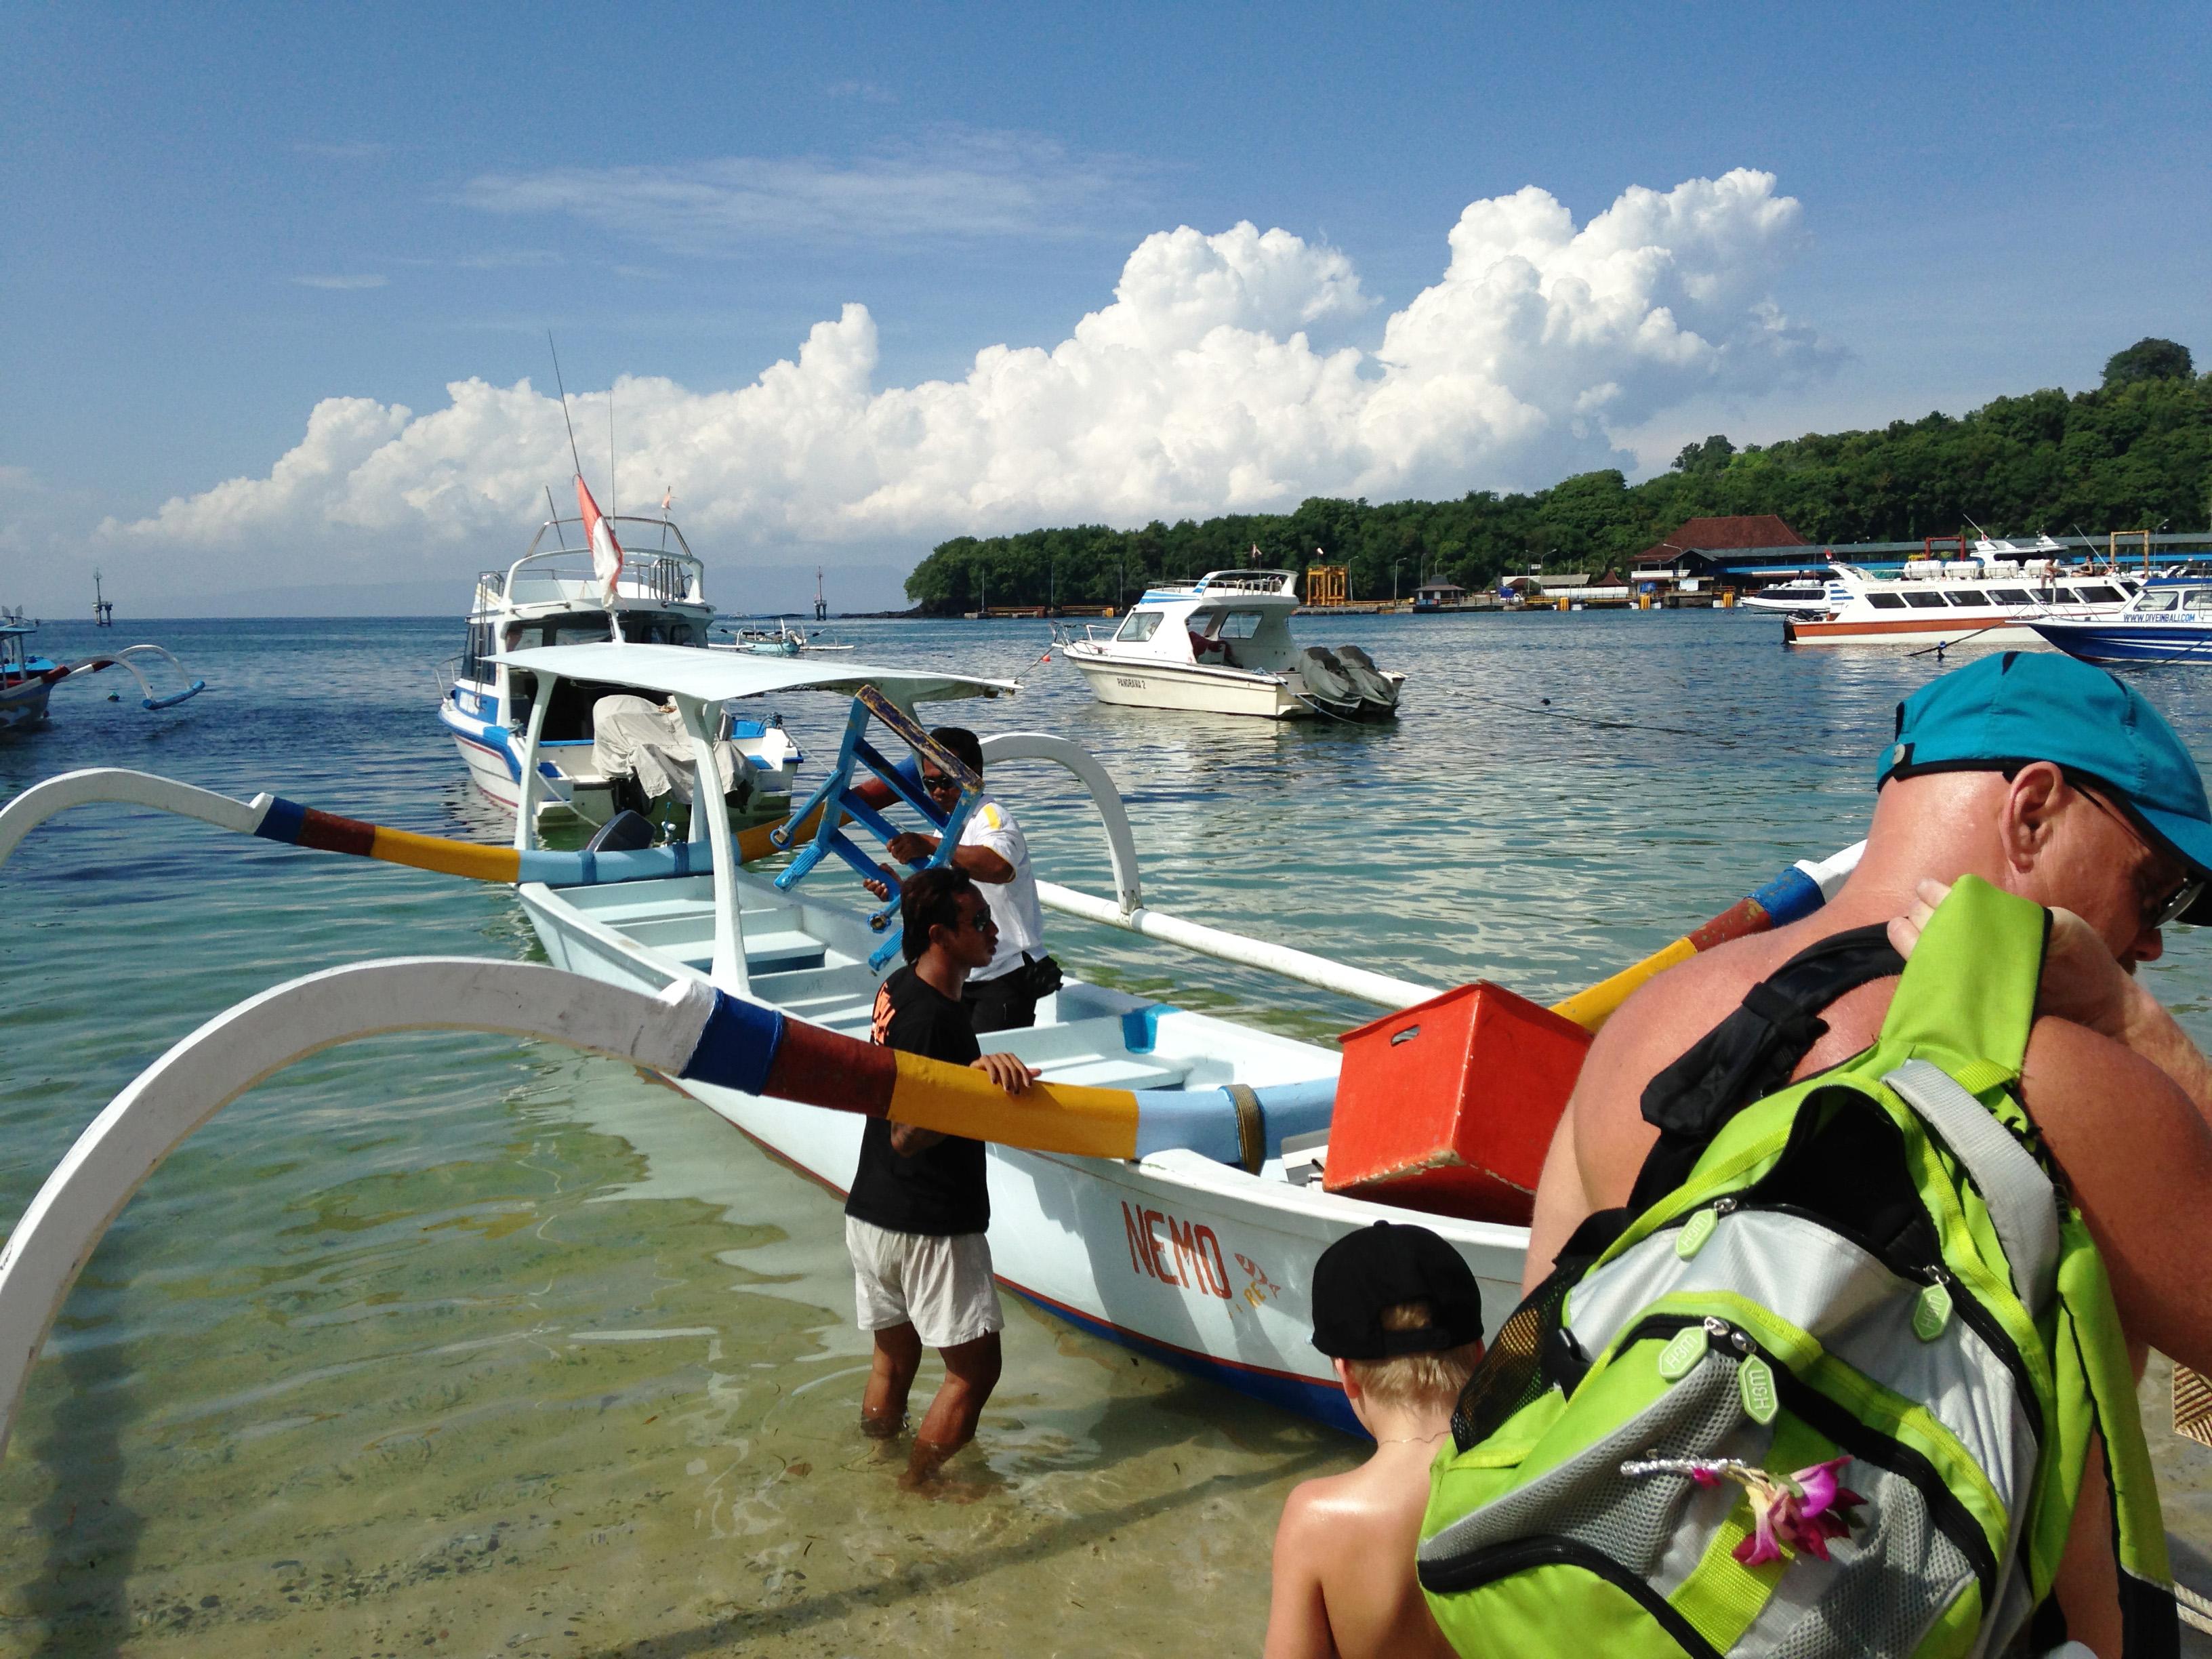 Snorkling i Padangbai, Bali. © 2016 Resor och äventyr. All rights reserved.